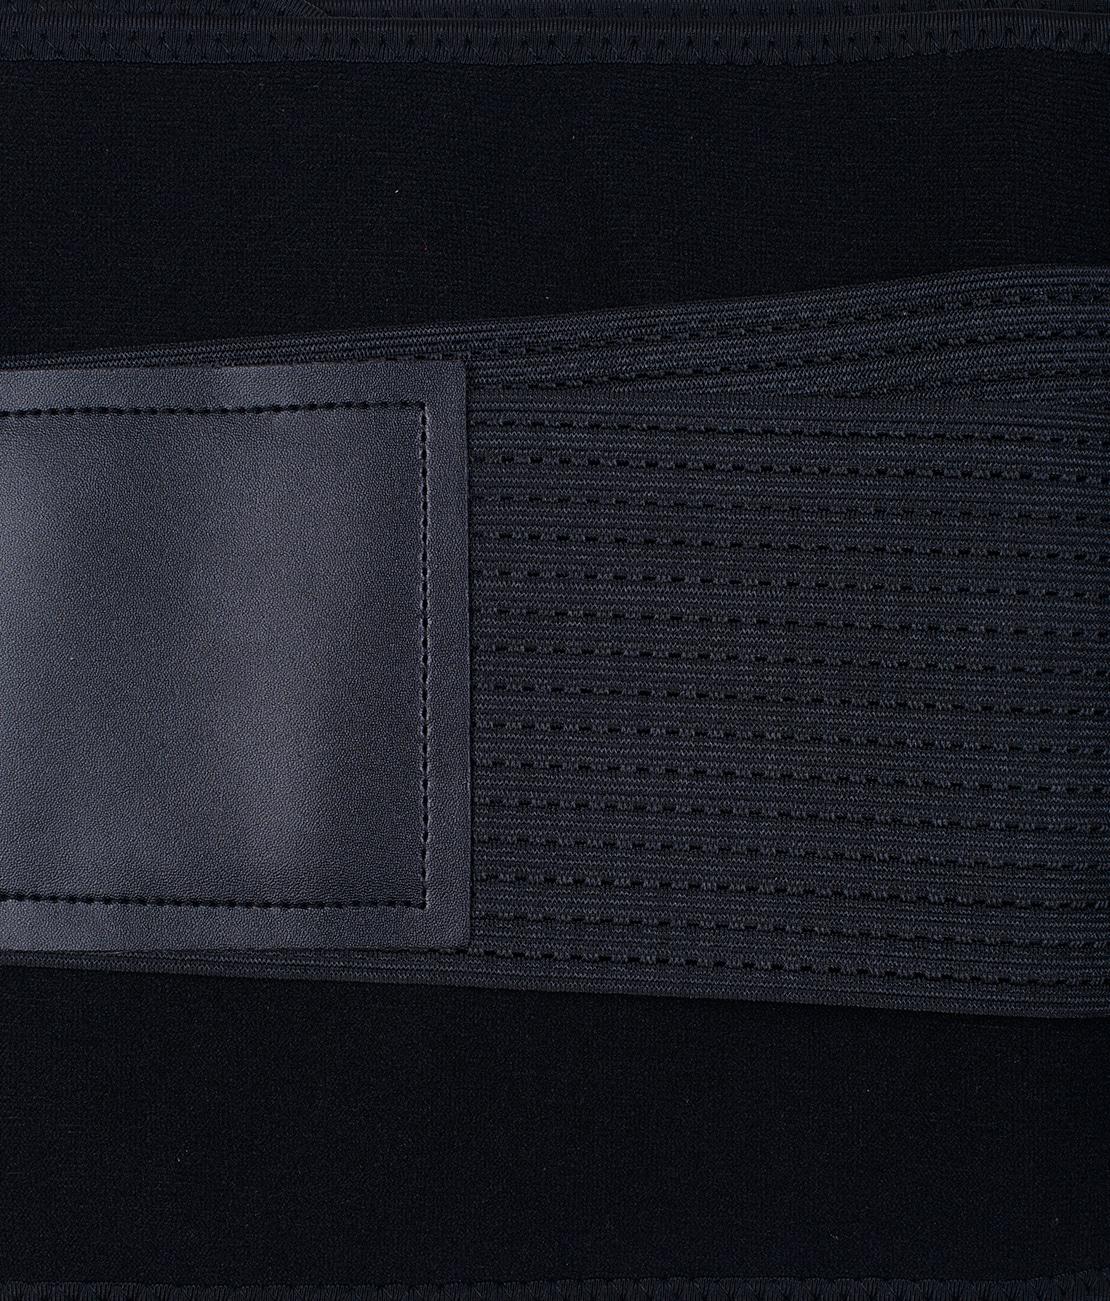 Ceinture de Sudation Noire Packshot Detail 1